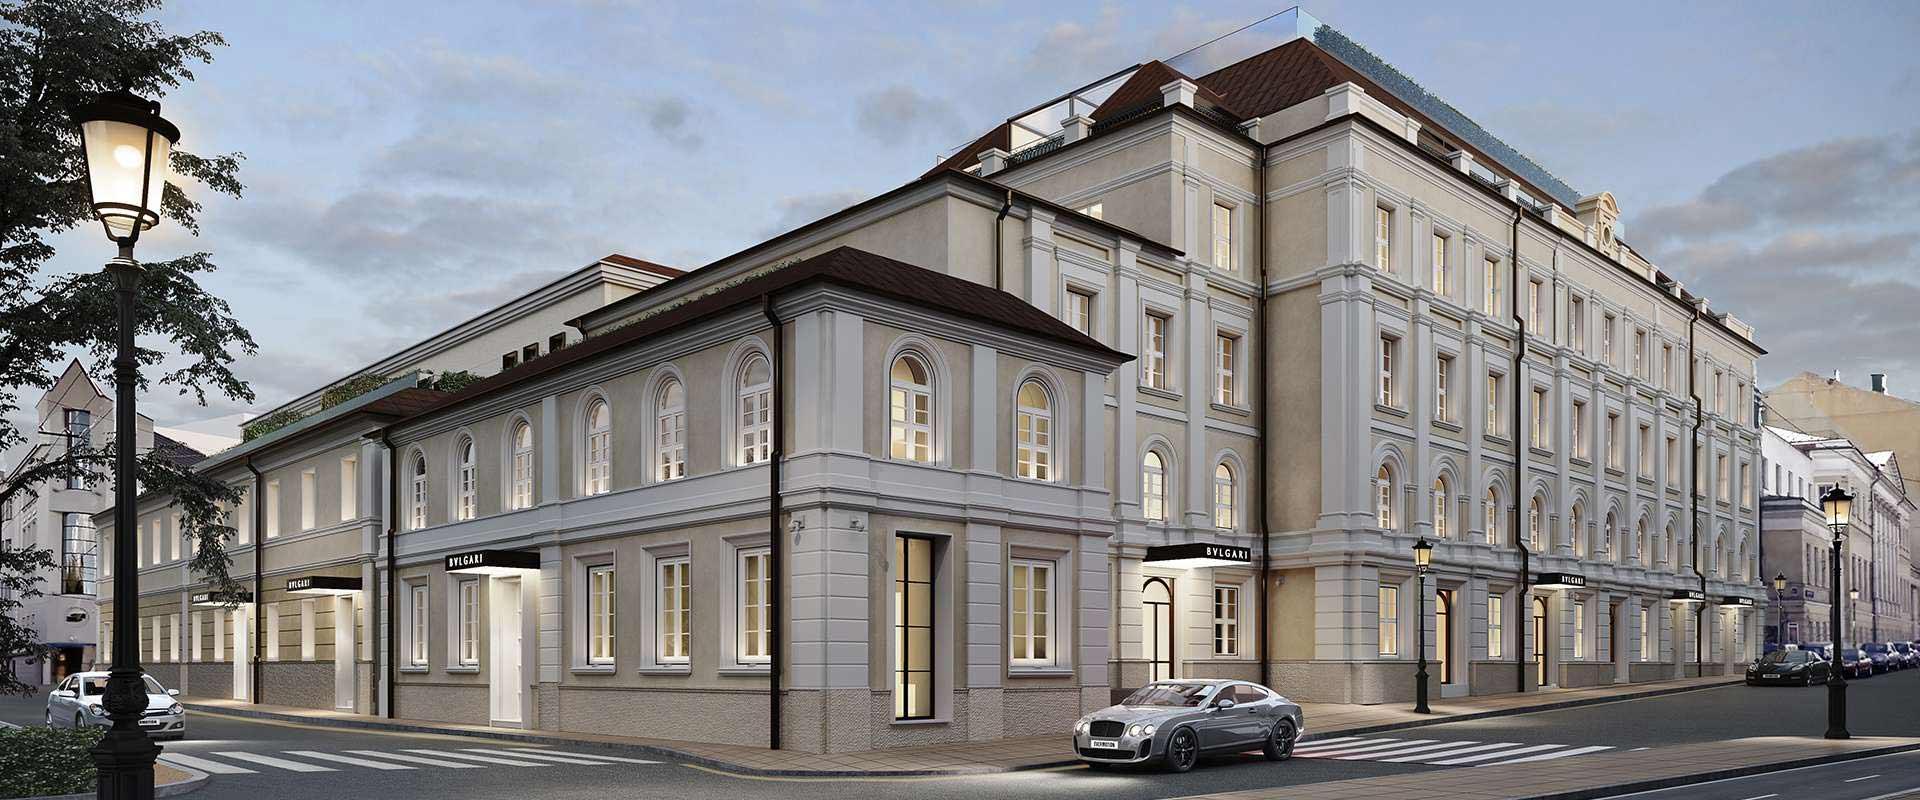 Vue de l'élévation de l'hôtel Bvlgari à Moscou avec fenêtres en bois laqué blanc